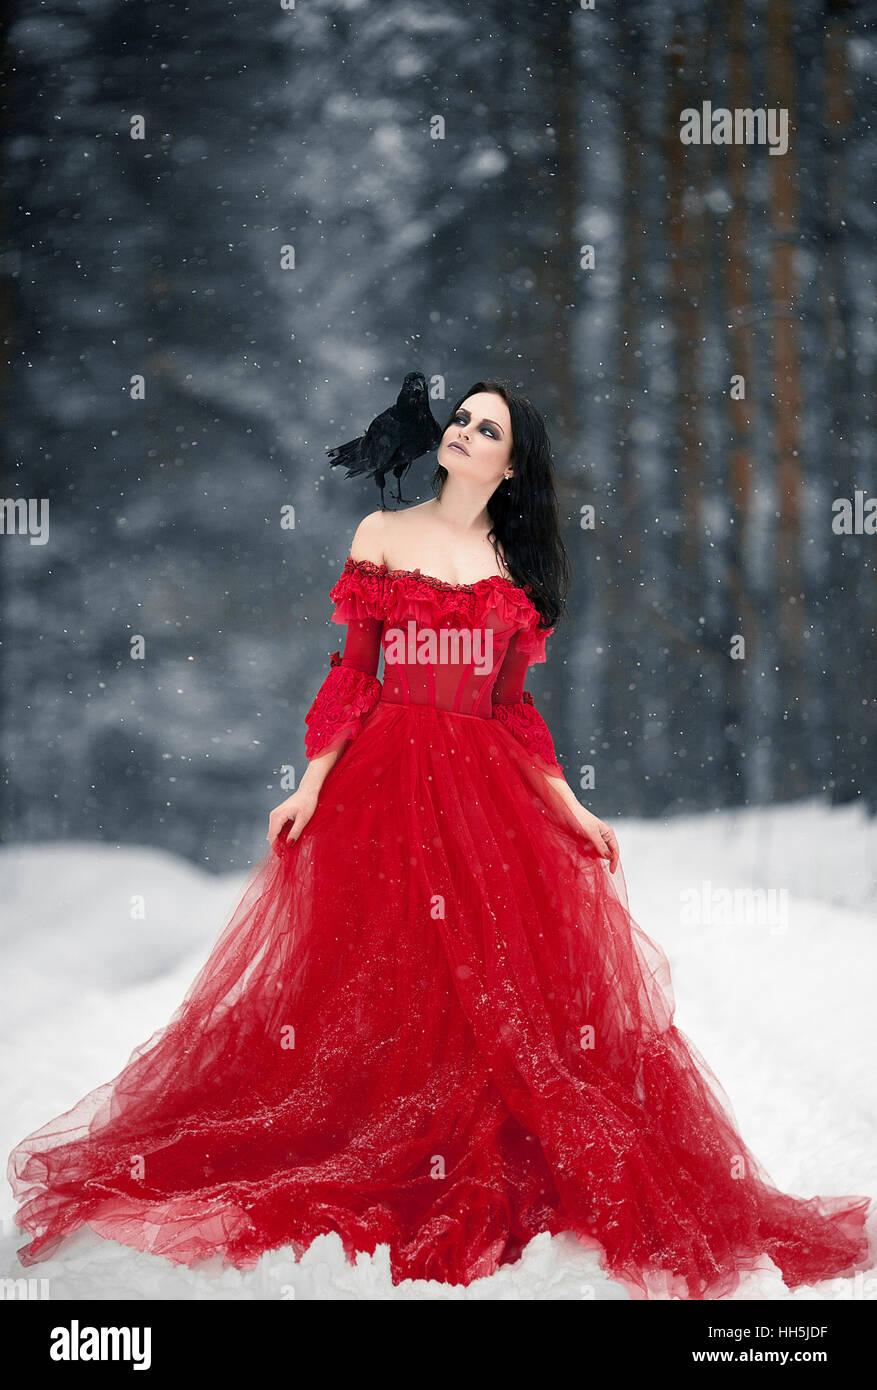 Im Hexe Auf Kleid Die Und Frau Roten Raben Schulter Mit exrdCoBW